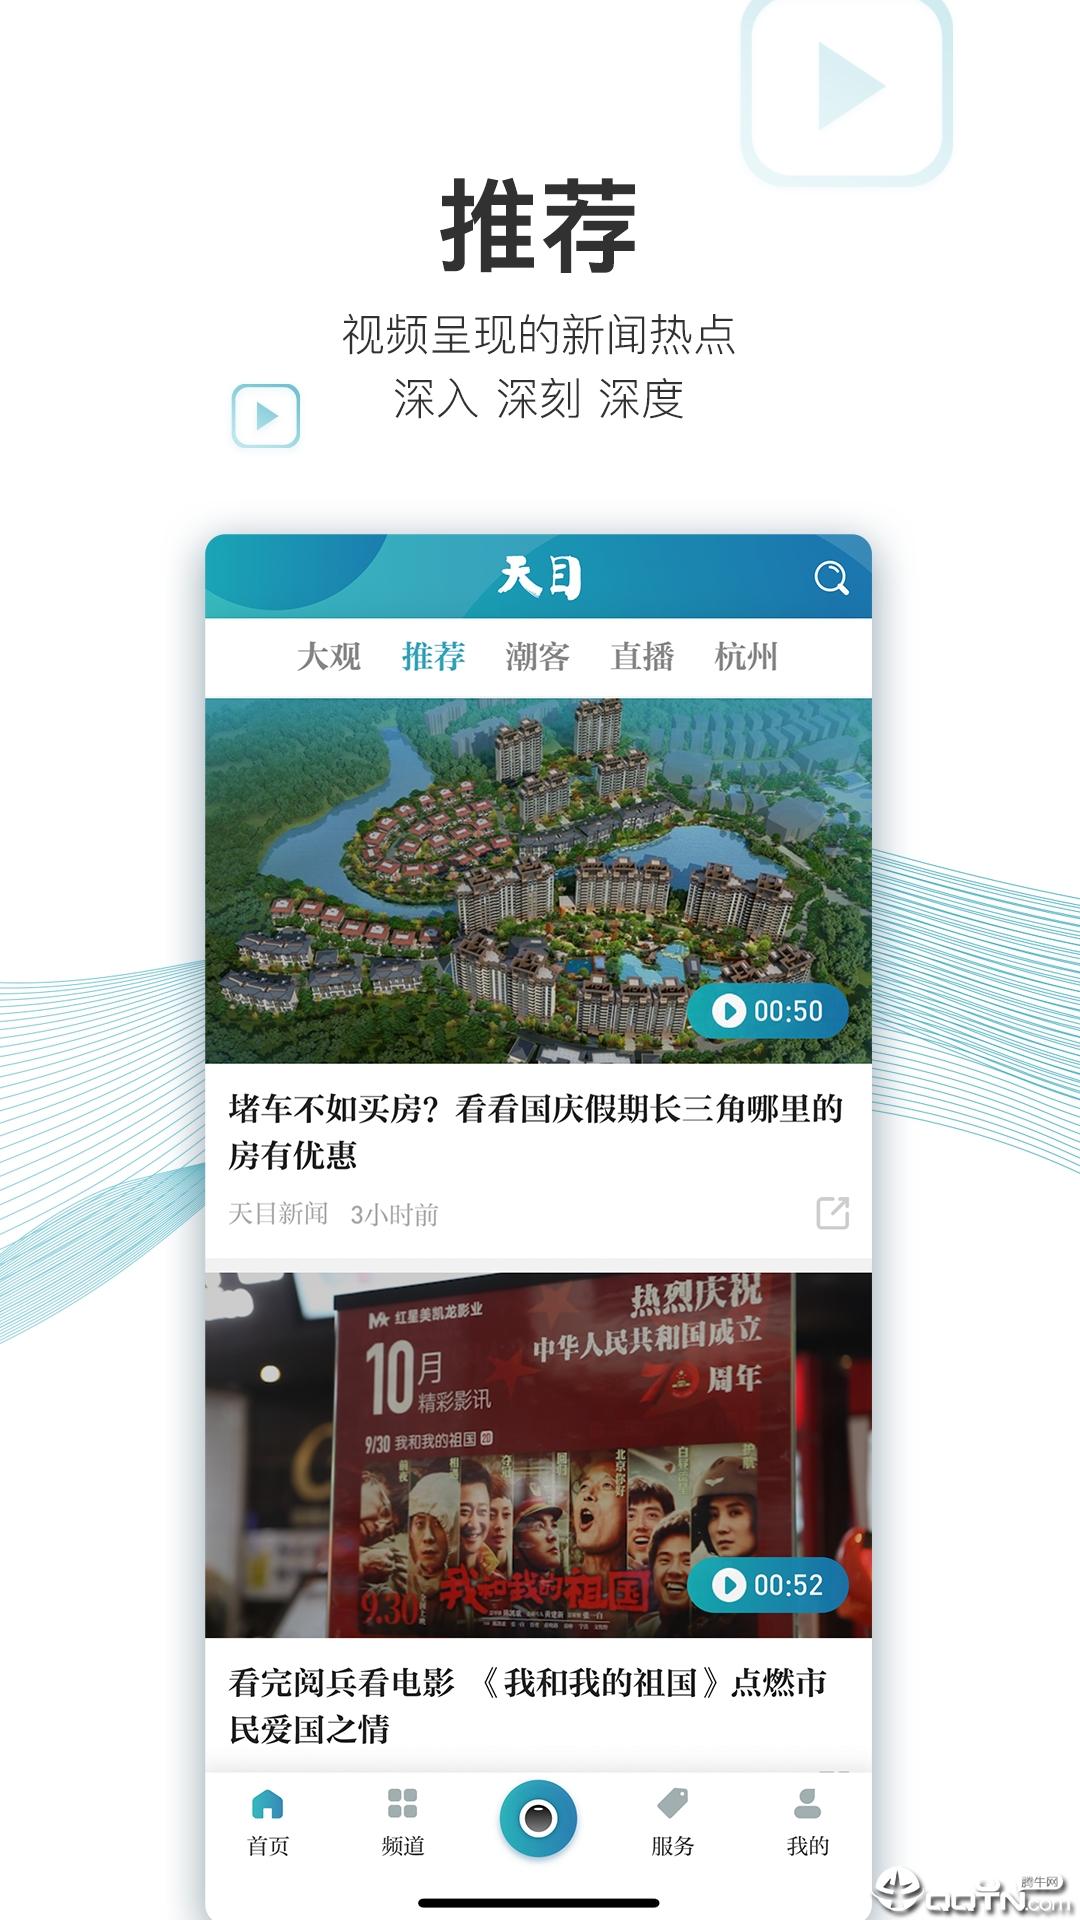 天目新闻app下载官方版